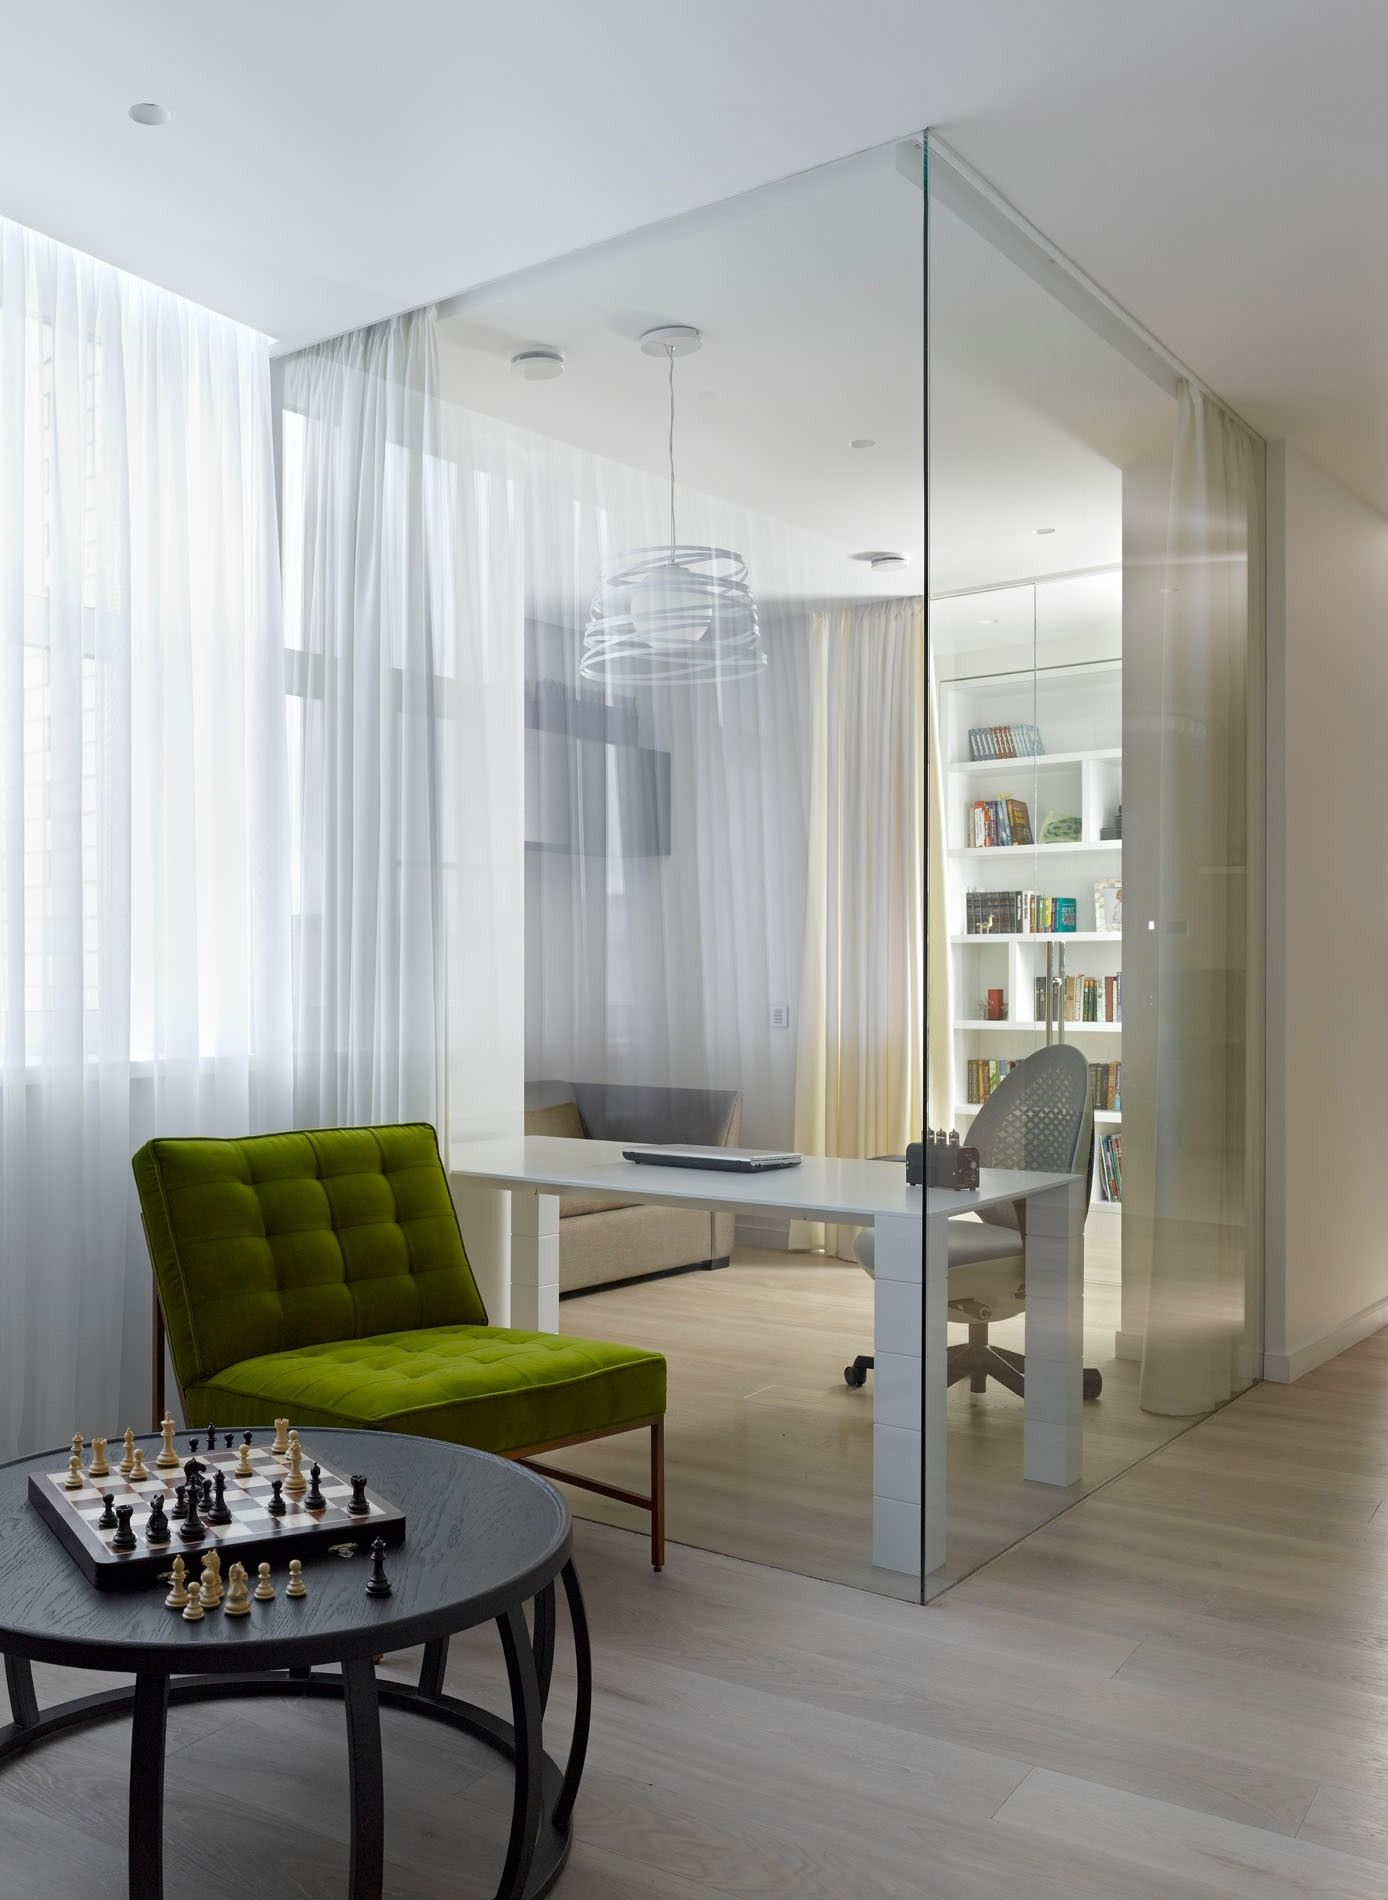 La zone de travail est séparée de manière compacte de la pièce principale par des parois vitrées